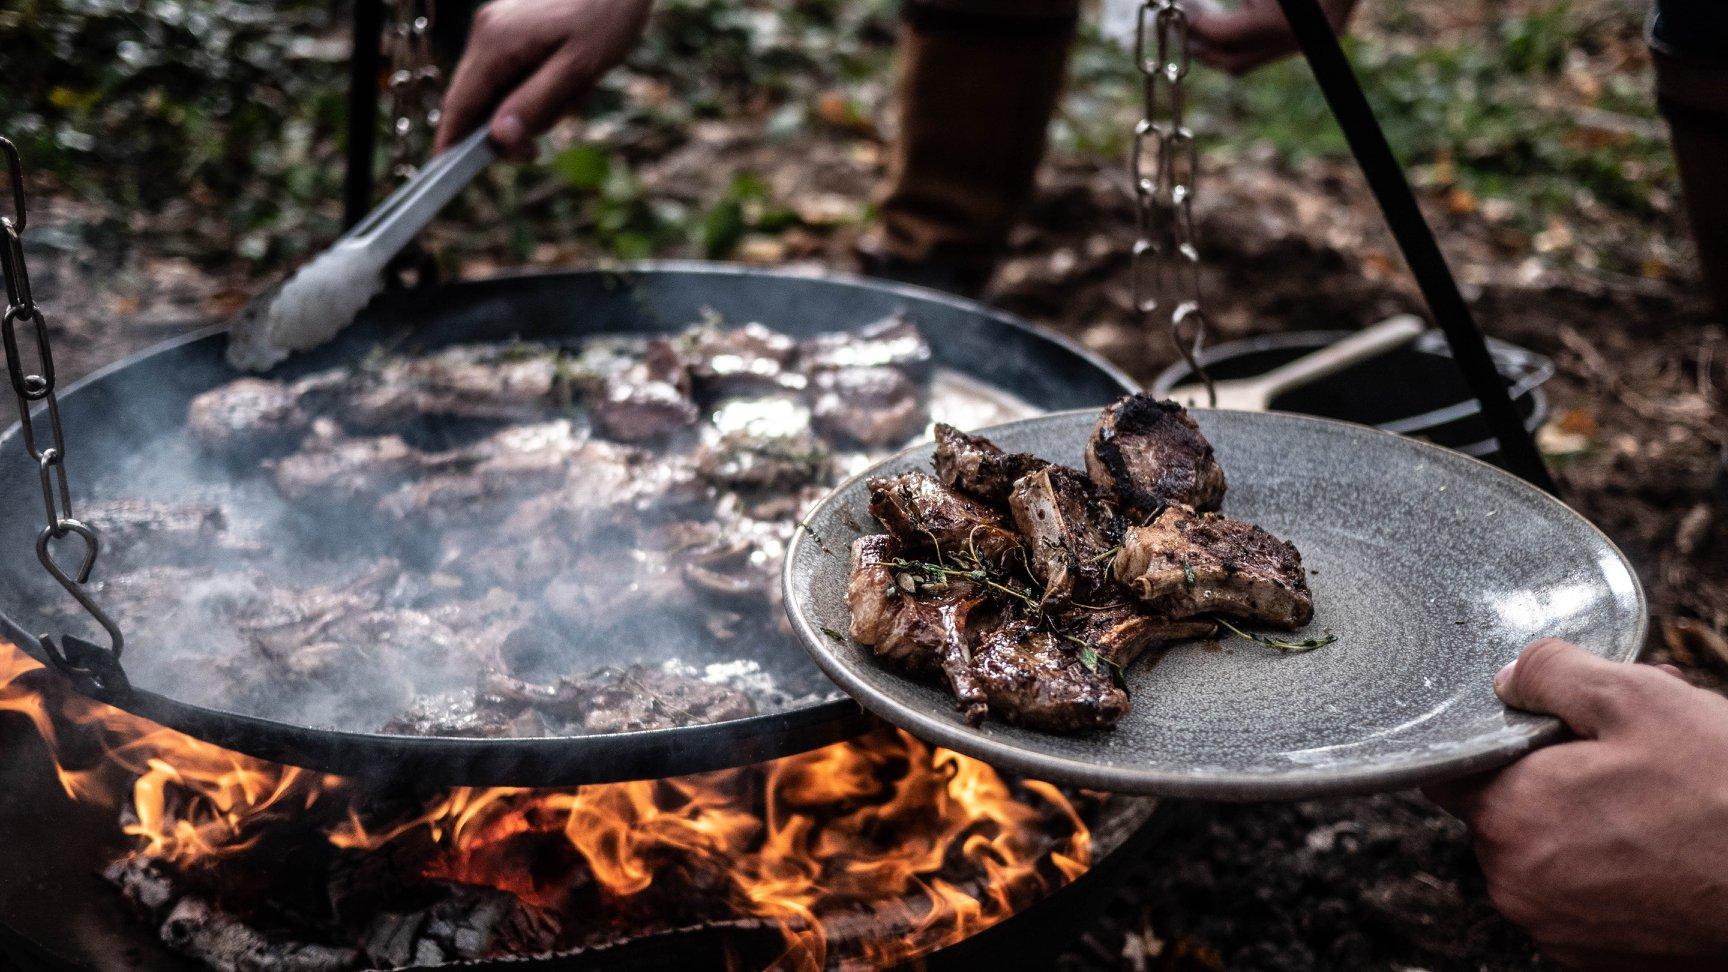 Camp Food Studio - I Camp Food Studio tilbyder vi luksuriøse outdoor cooking oplevelser i helt exceptionelle rammer i skovene omkring nogle af landets flotteste godser og herregårde